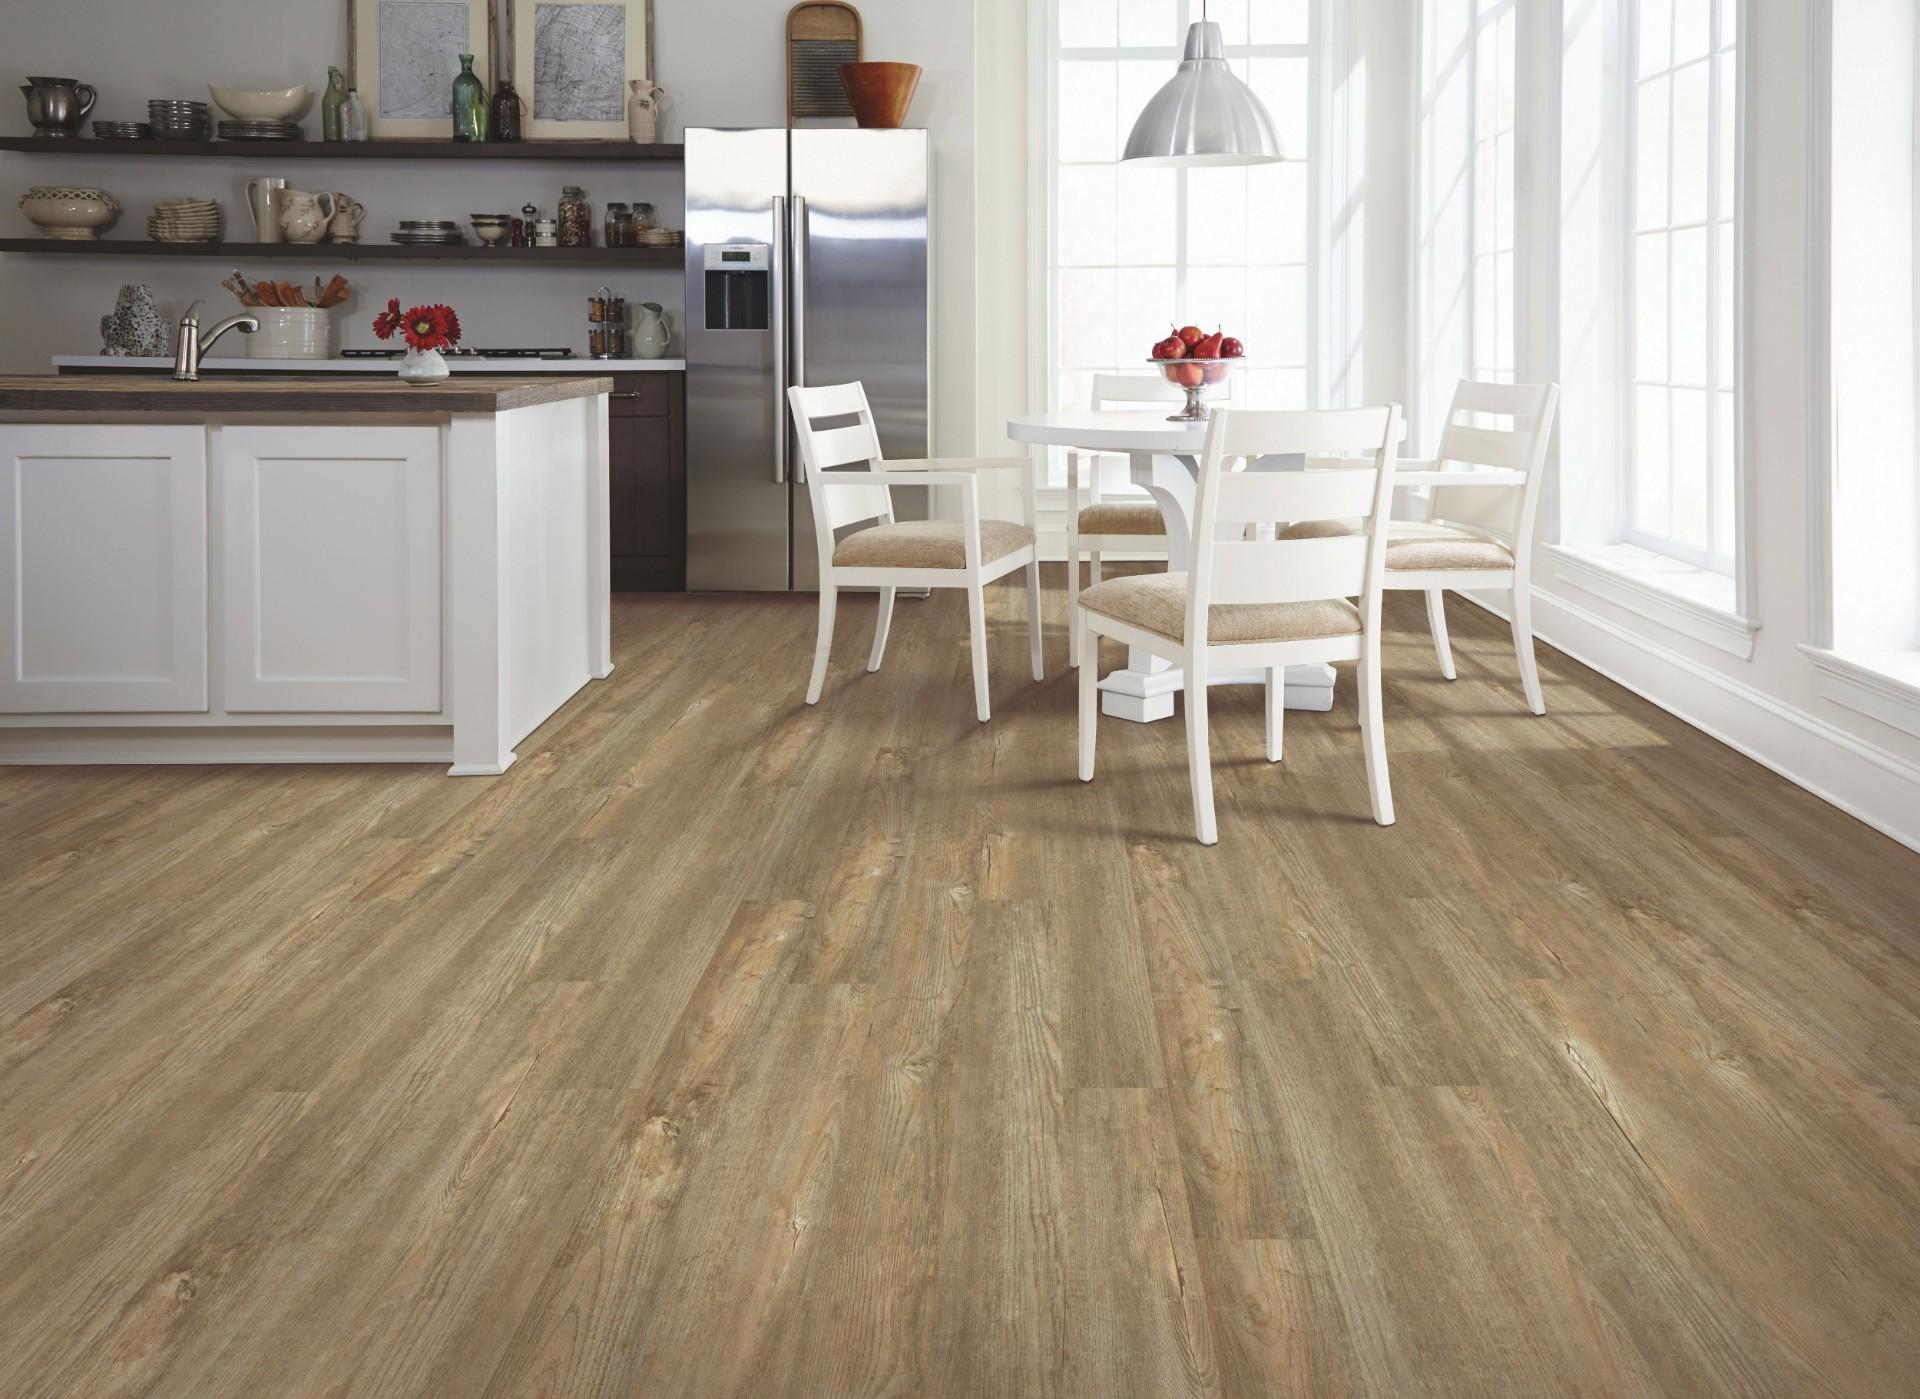 luxury vinyl plank waterproof kitchen flooring in Maple Ridge